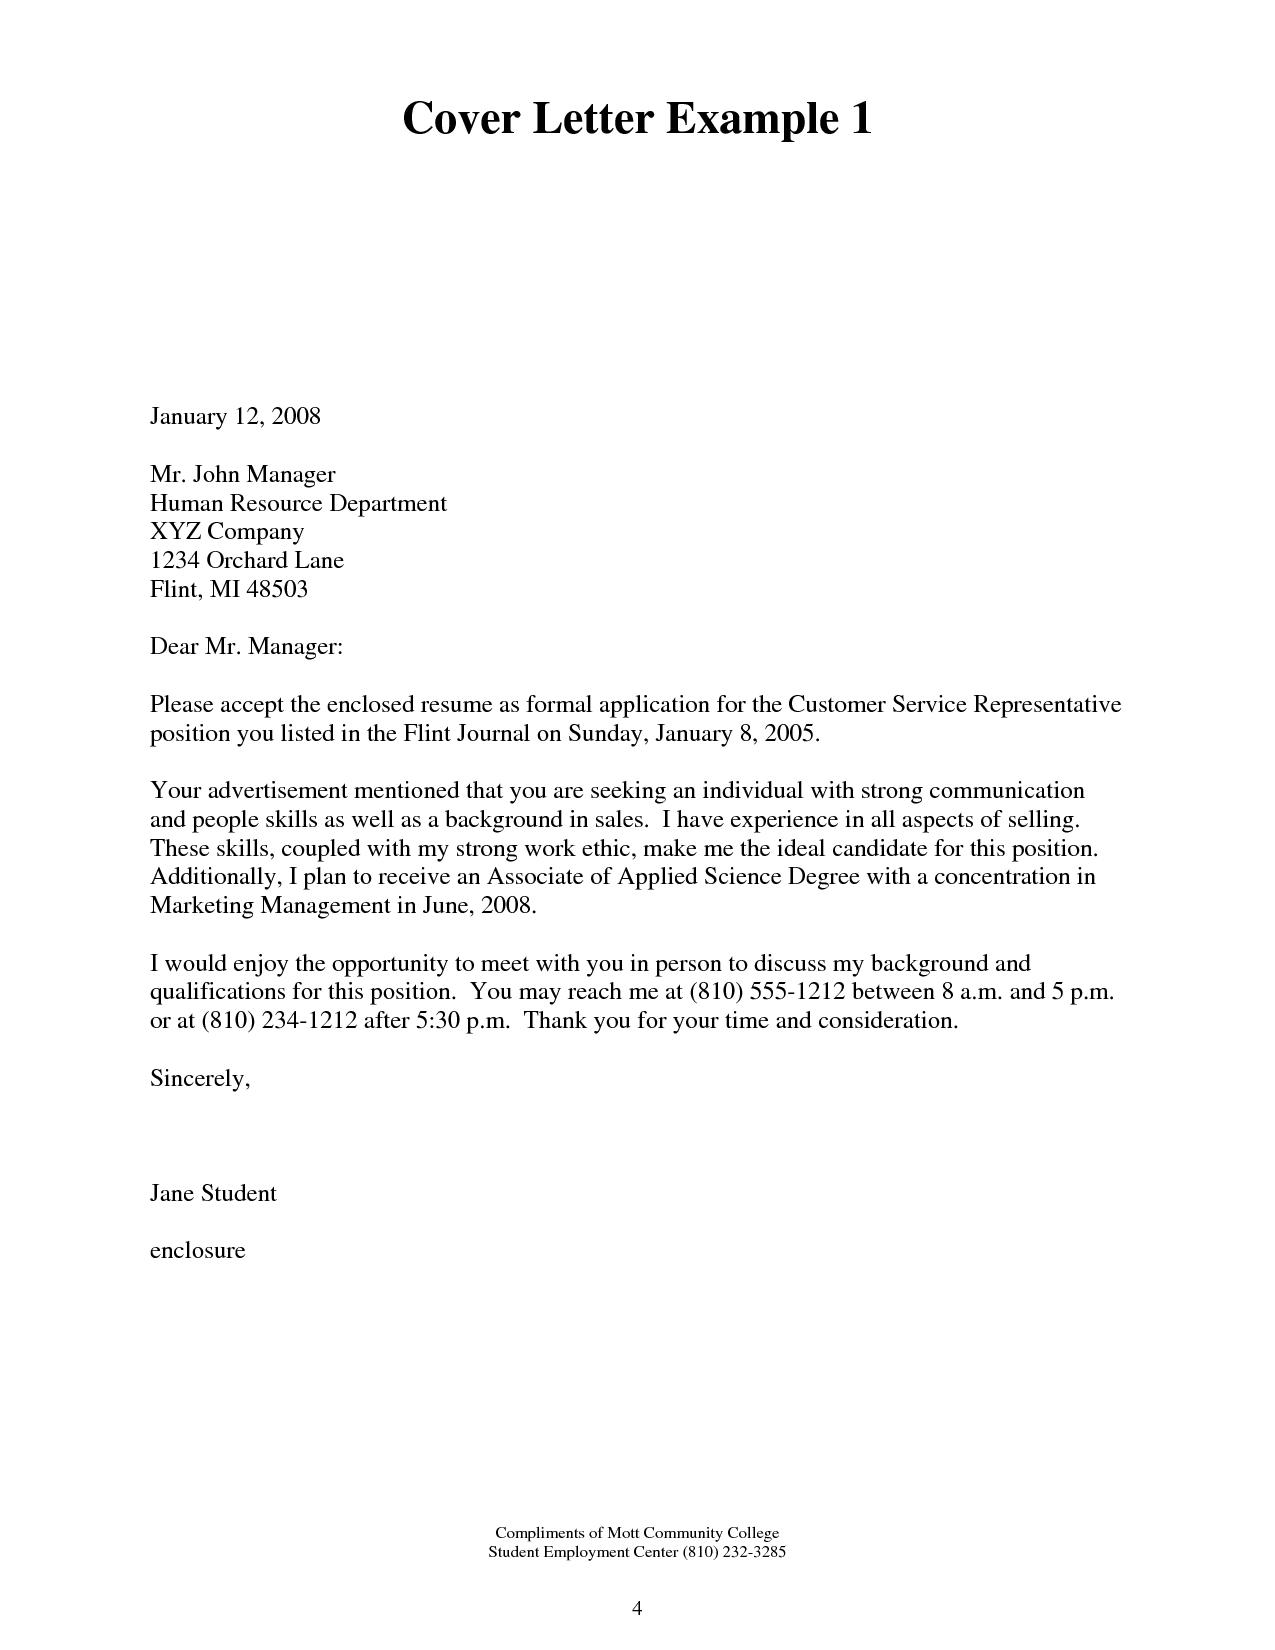 Resume Cover Letter Example Best Template DesktopSimple Cover Letter Application Letter Sample